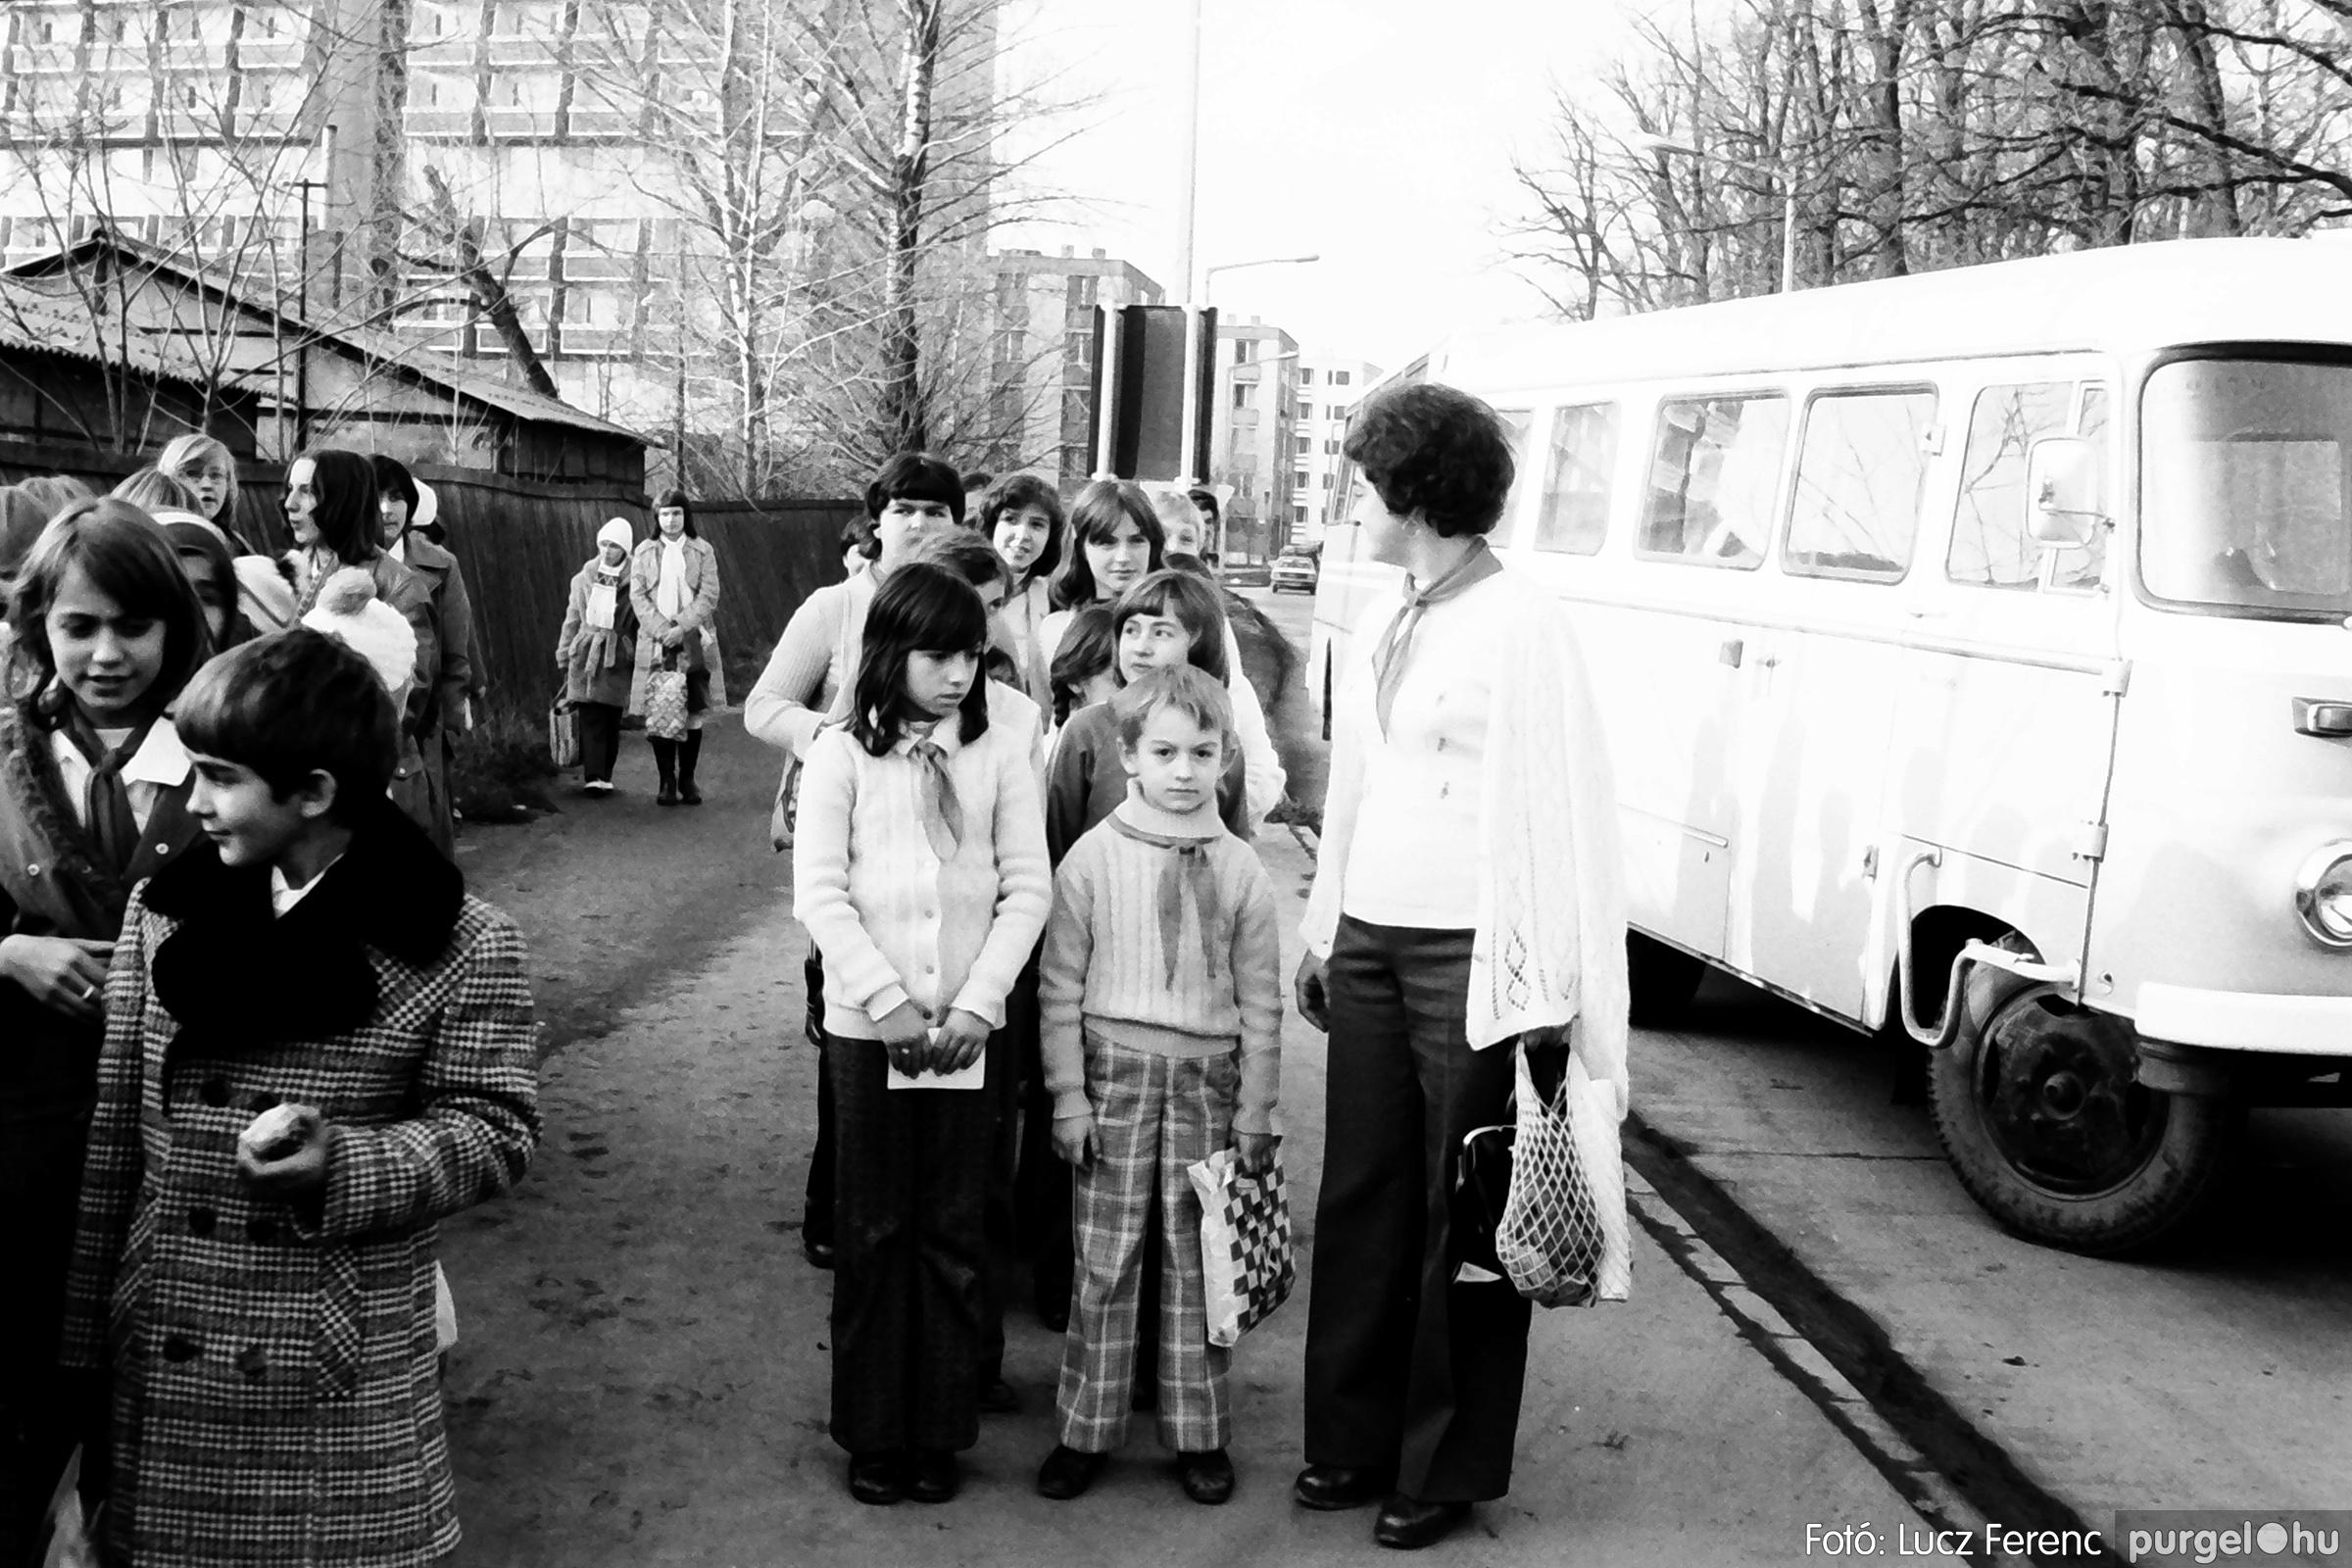 067-068. 1976. Úttörőkarácsony Szegeden 003. - Fotó: Lucz Ferenc.jpg